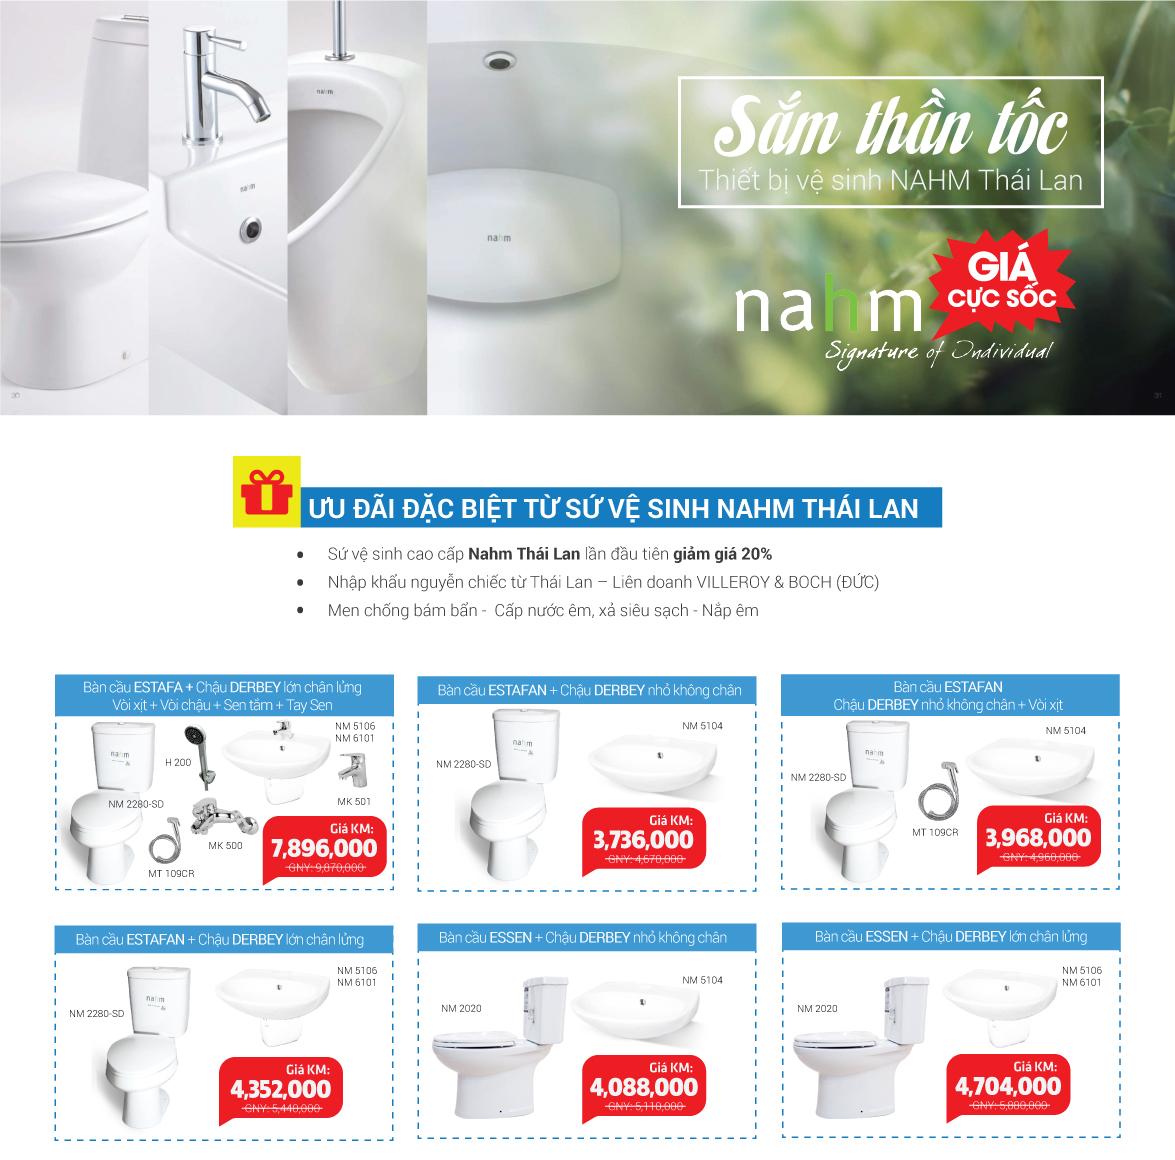 Khuyến mãi sứ vệ sinh Nahm lần đầu tiên giảm giá lên tới 20% thumbnail